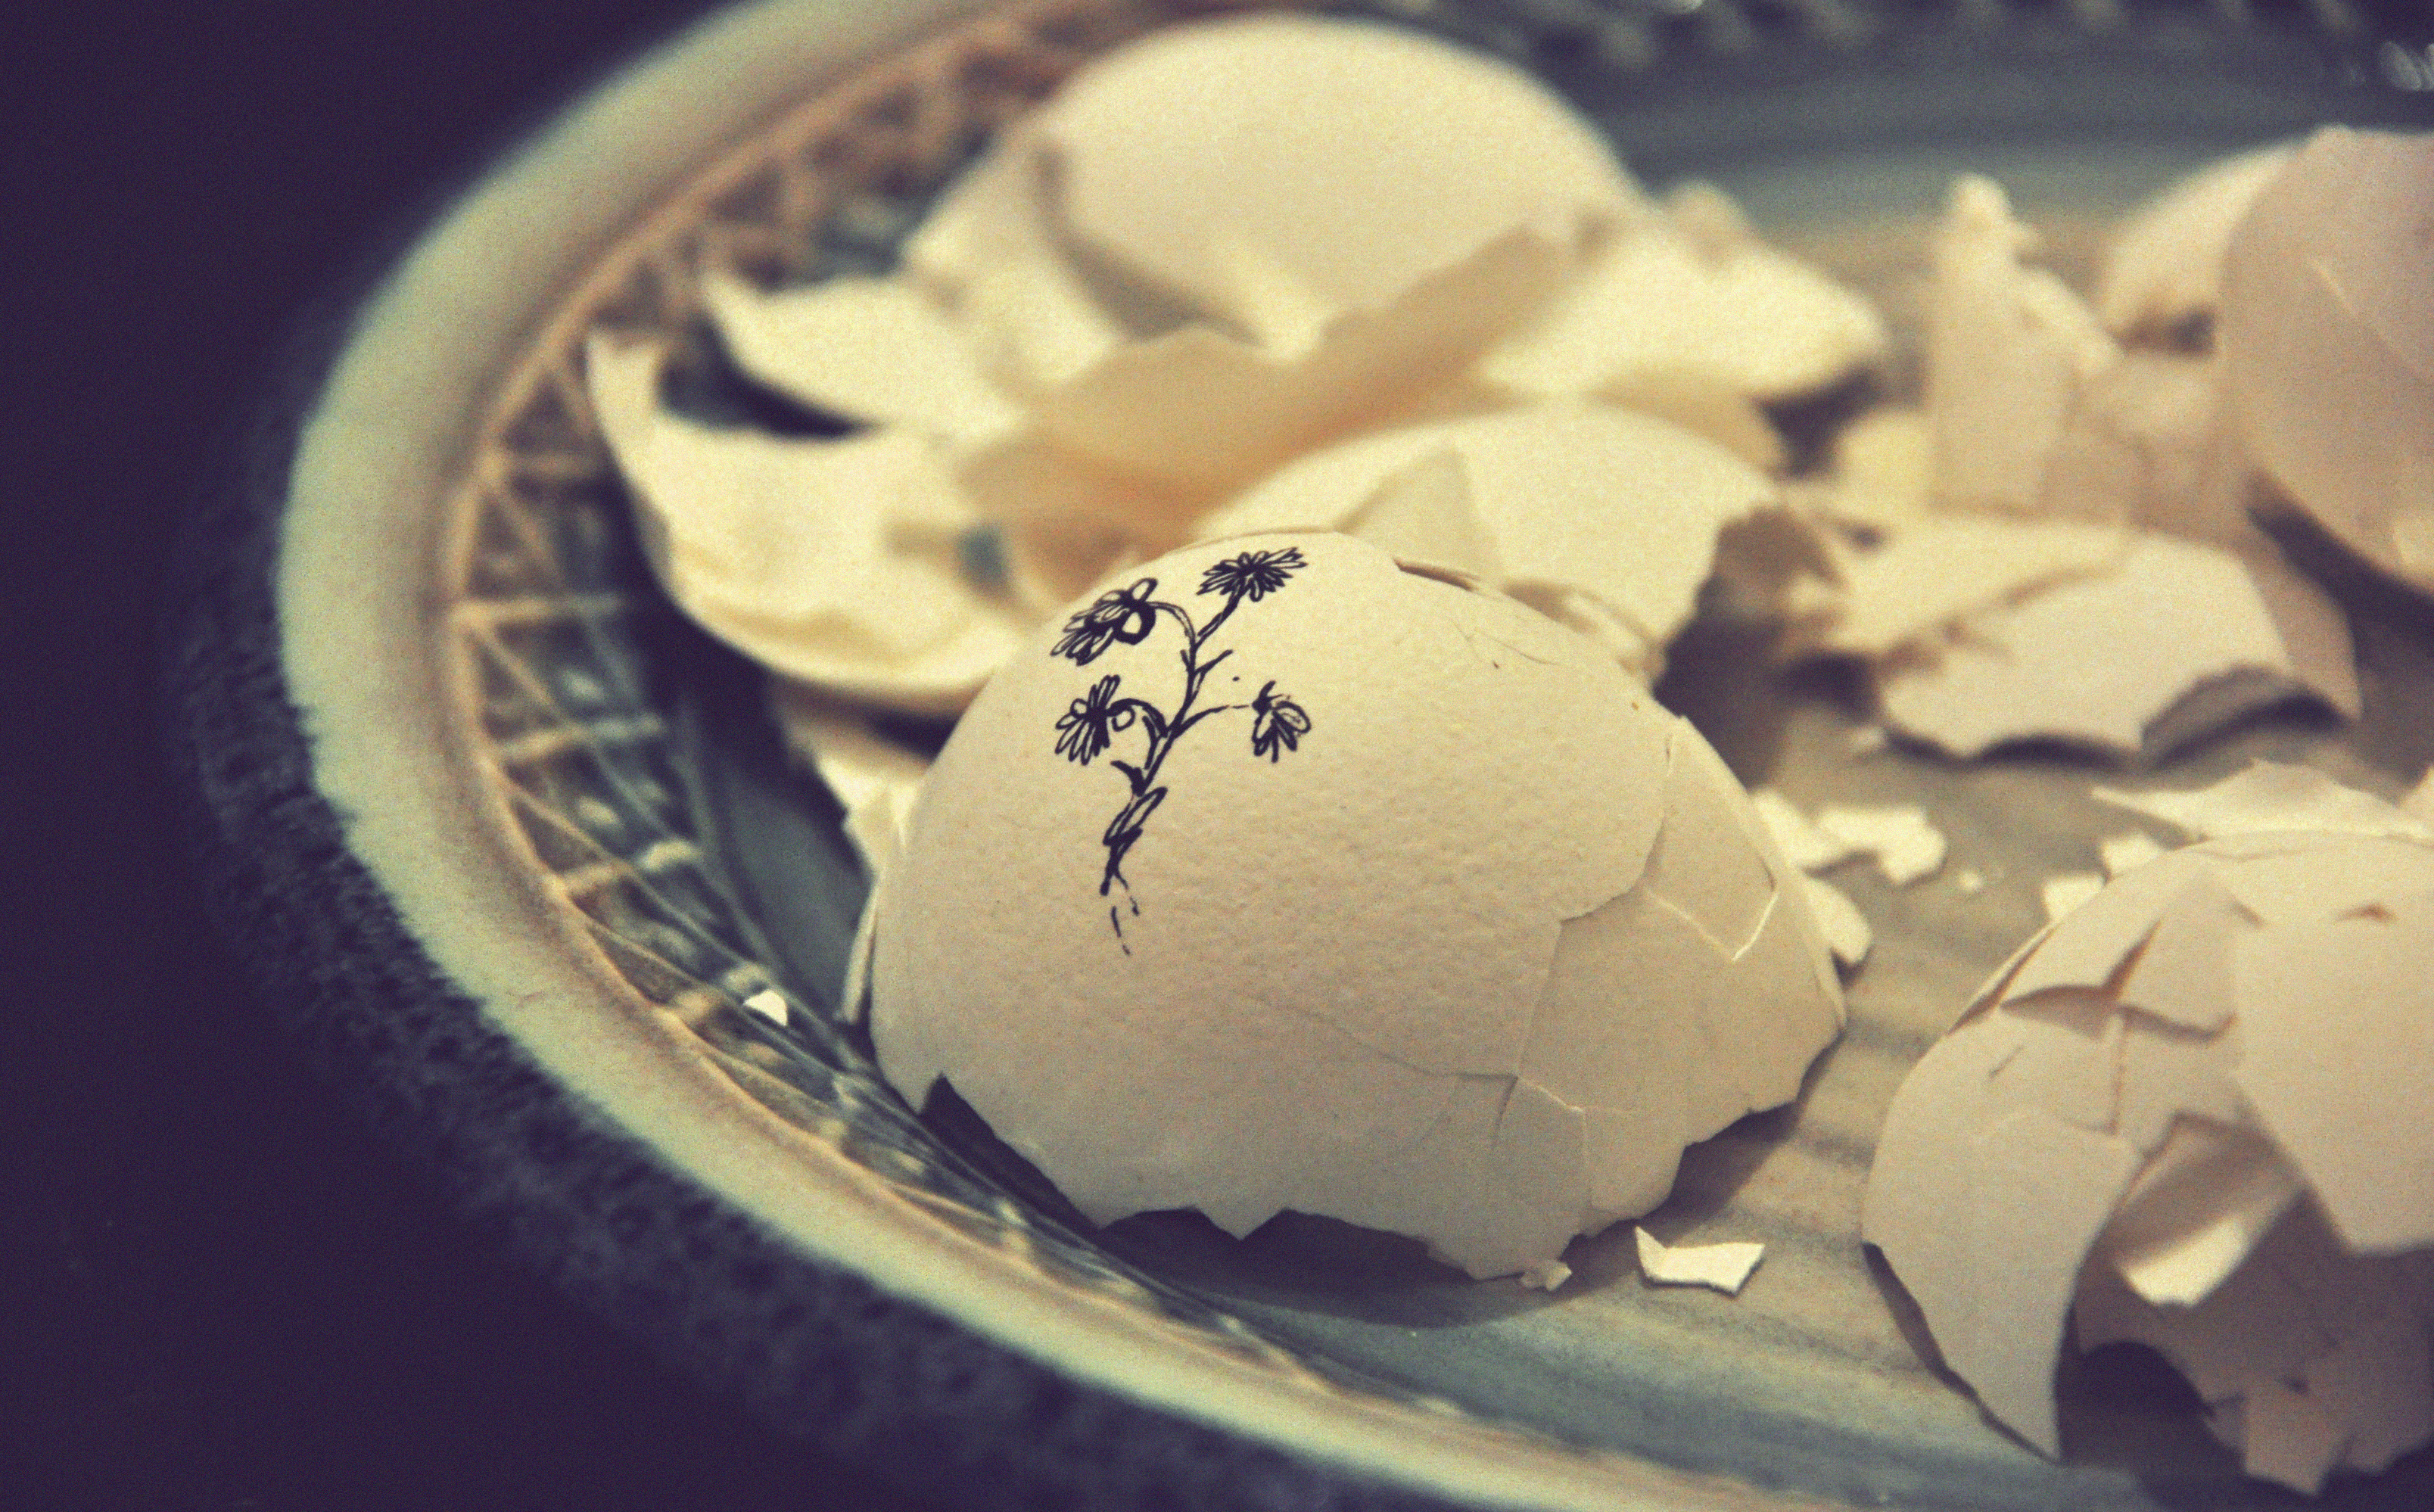 Japan broken bowl